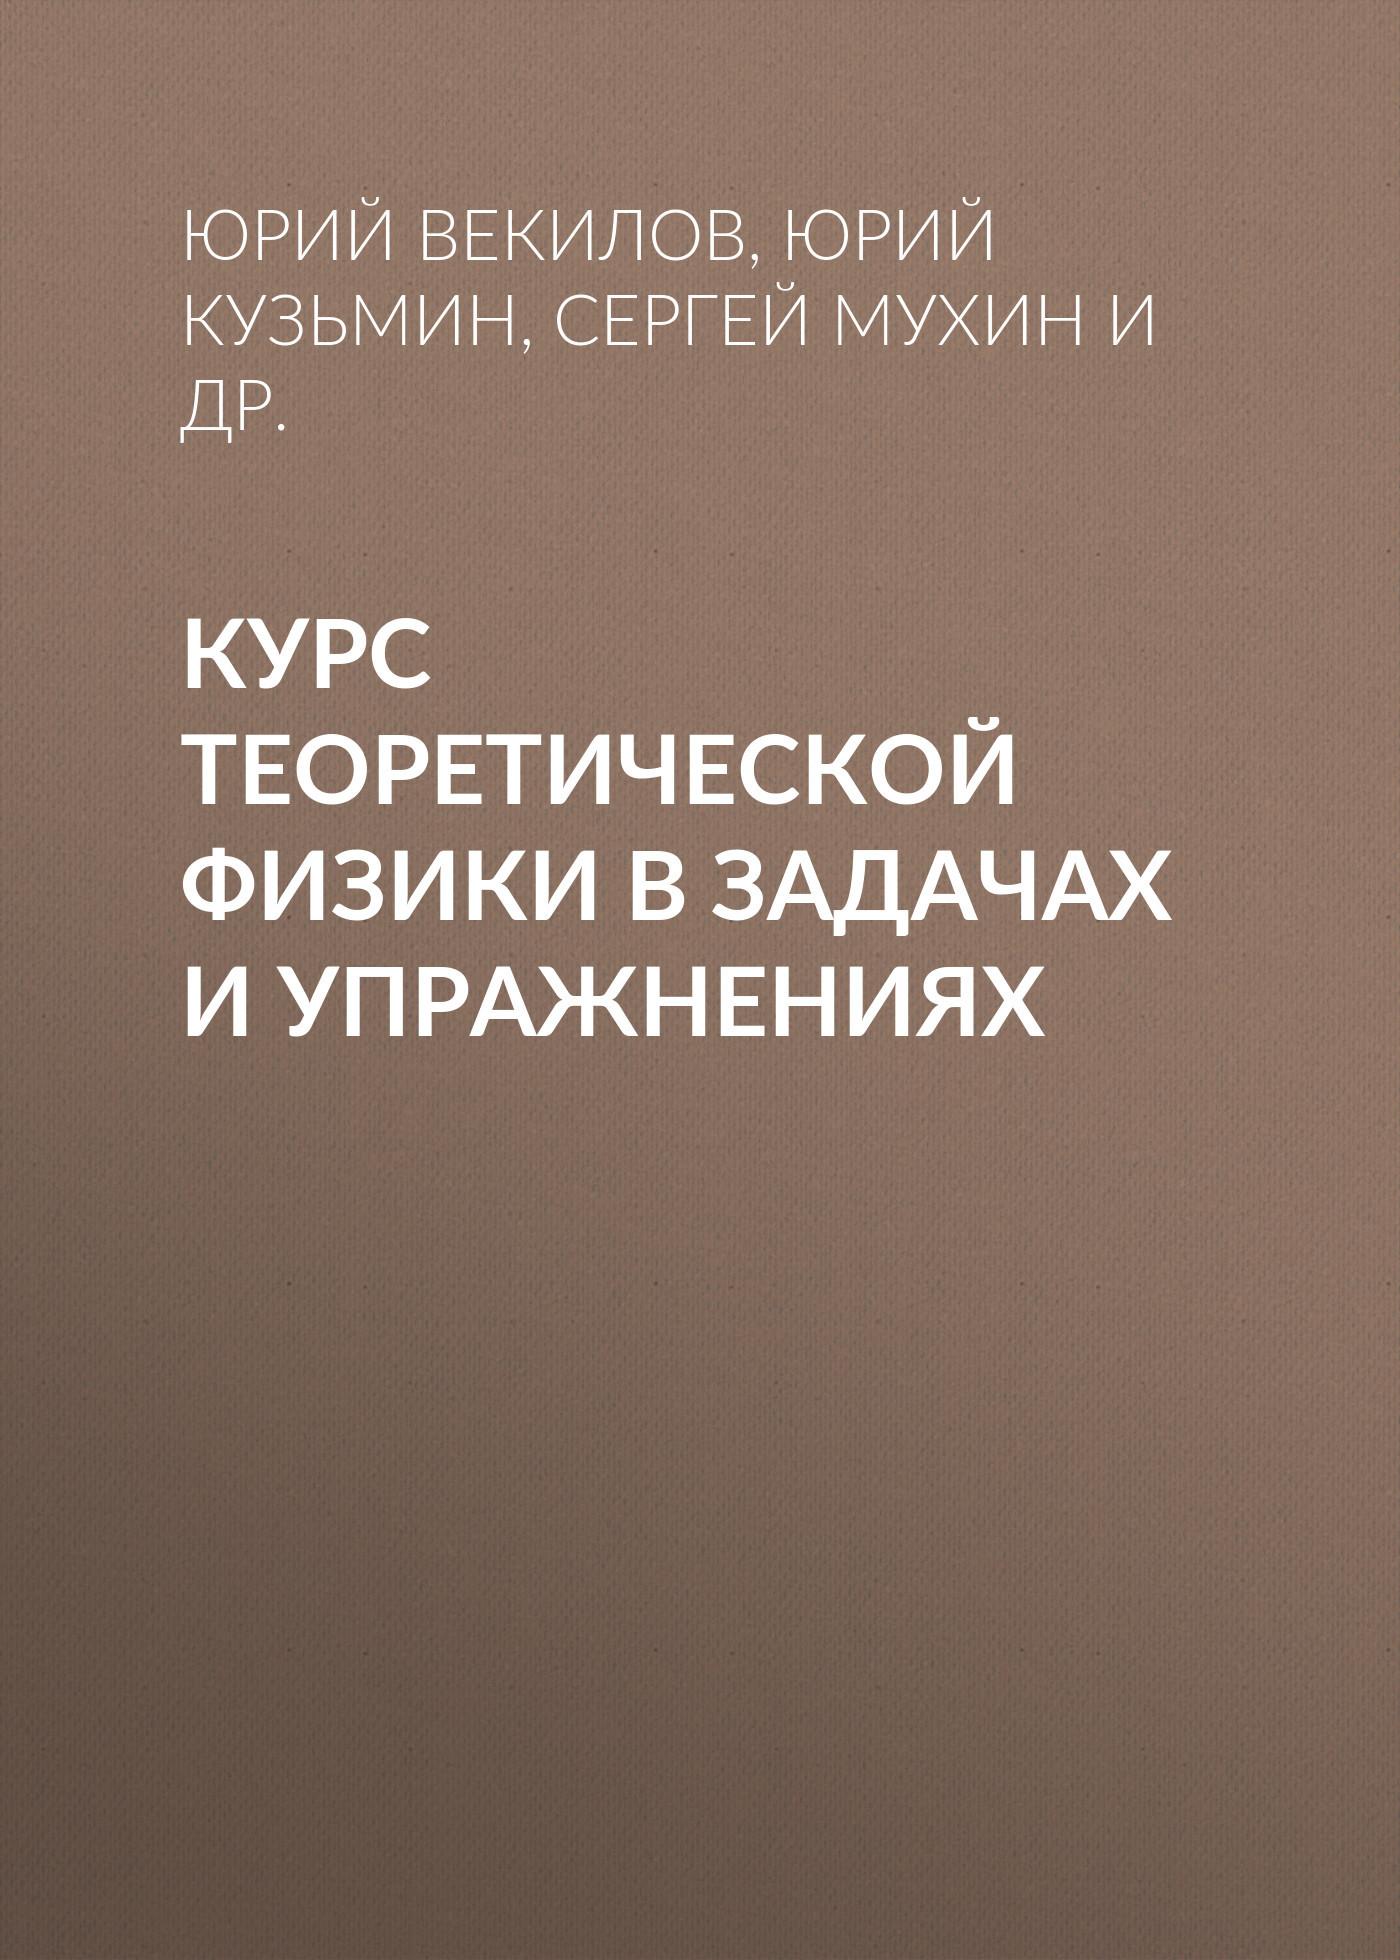 Юрий Векилов Курс теоретической физики в задачах и упражнениях варнахов а физика понятная каждому развитие отдельных положений физики выдвинутых в начале прошлого столетия